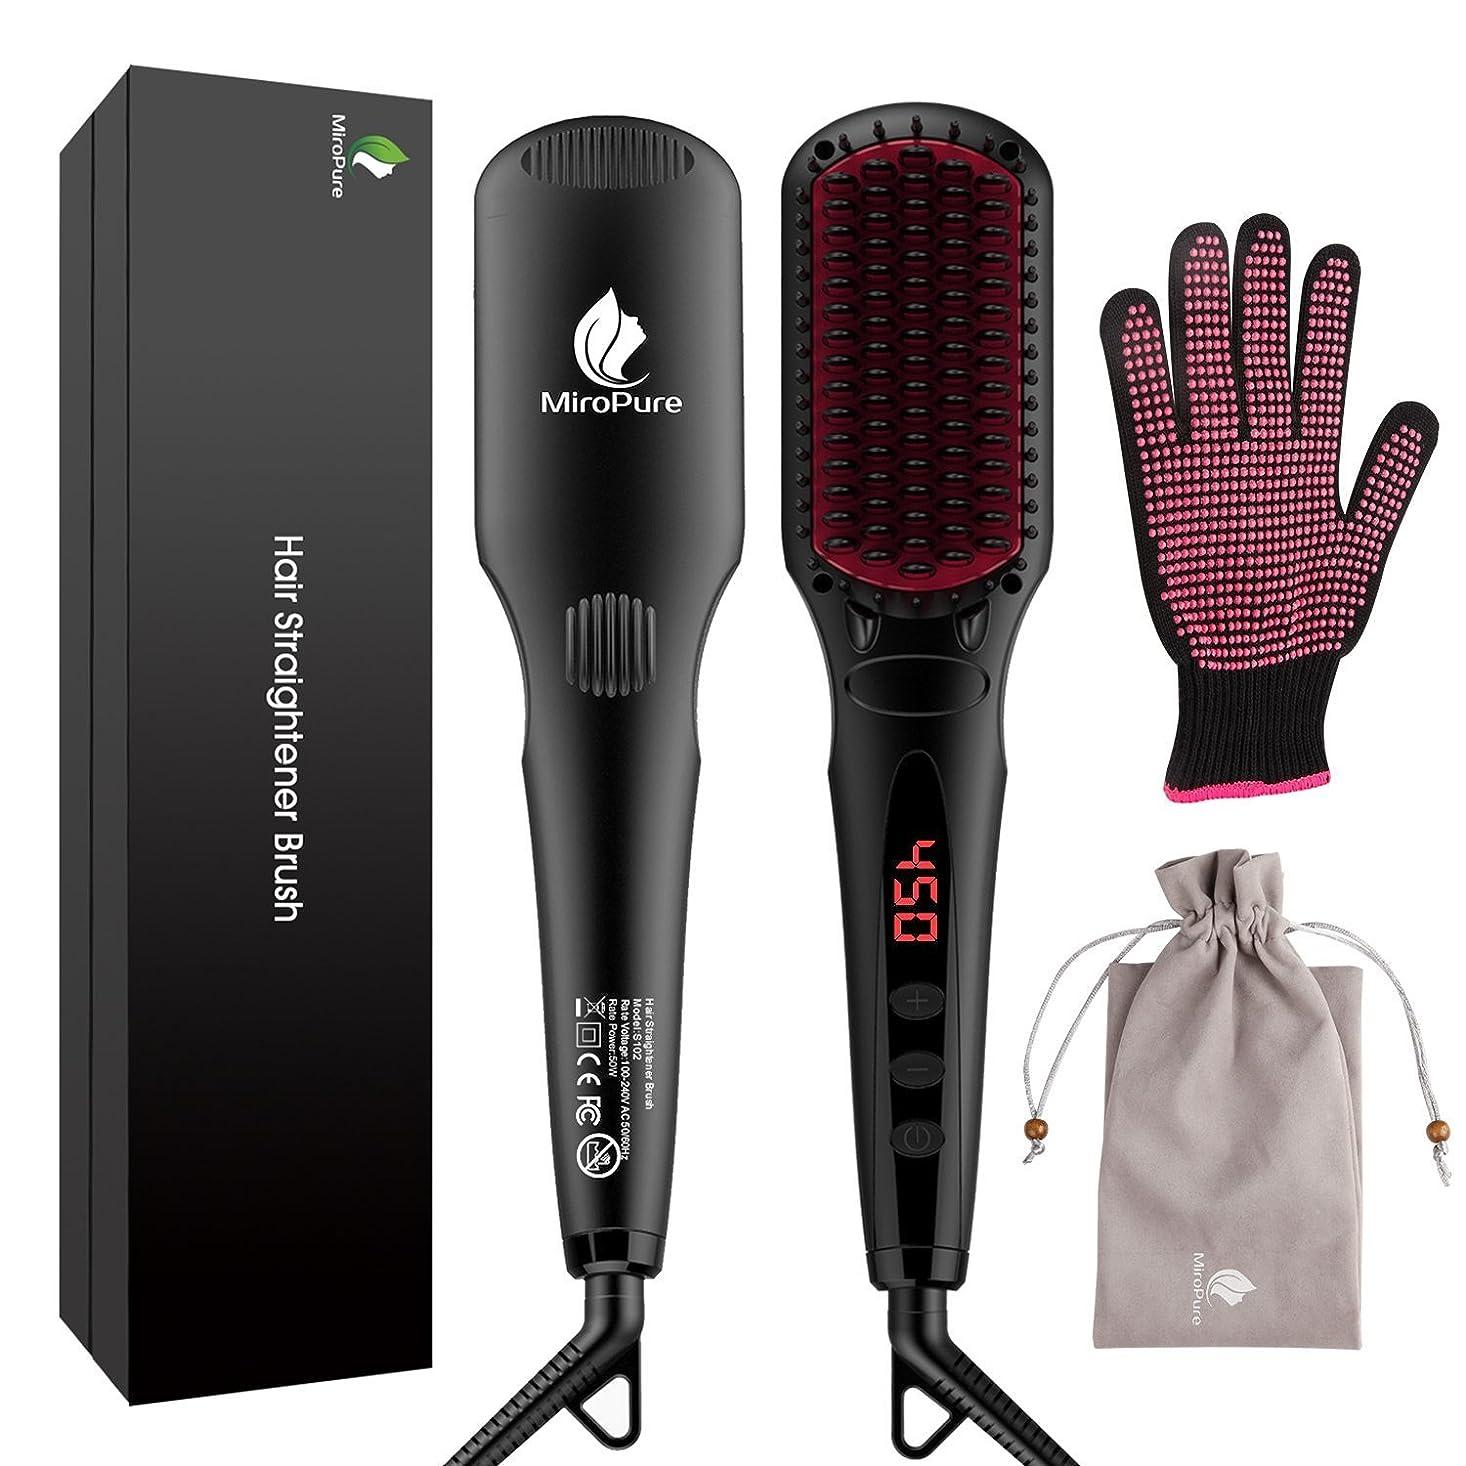 嬉しいです光沢のあるウルルMiroPure 2 in 1 Ionic Hair Straightener Brush ヘアストレートヘアブラシ with Heat Resistant Glove and Temperature Lock Function (並行輸入品)